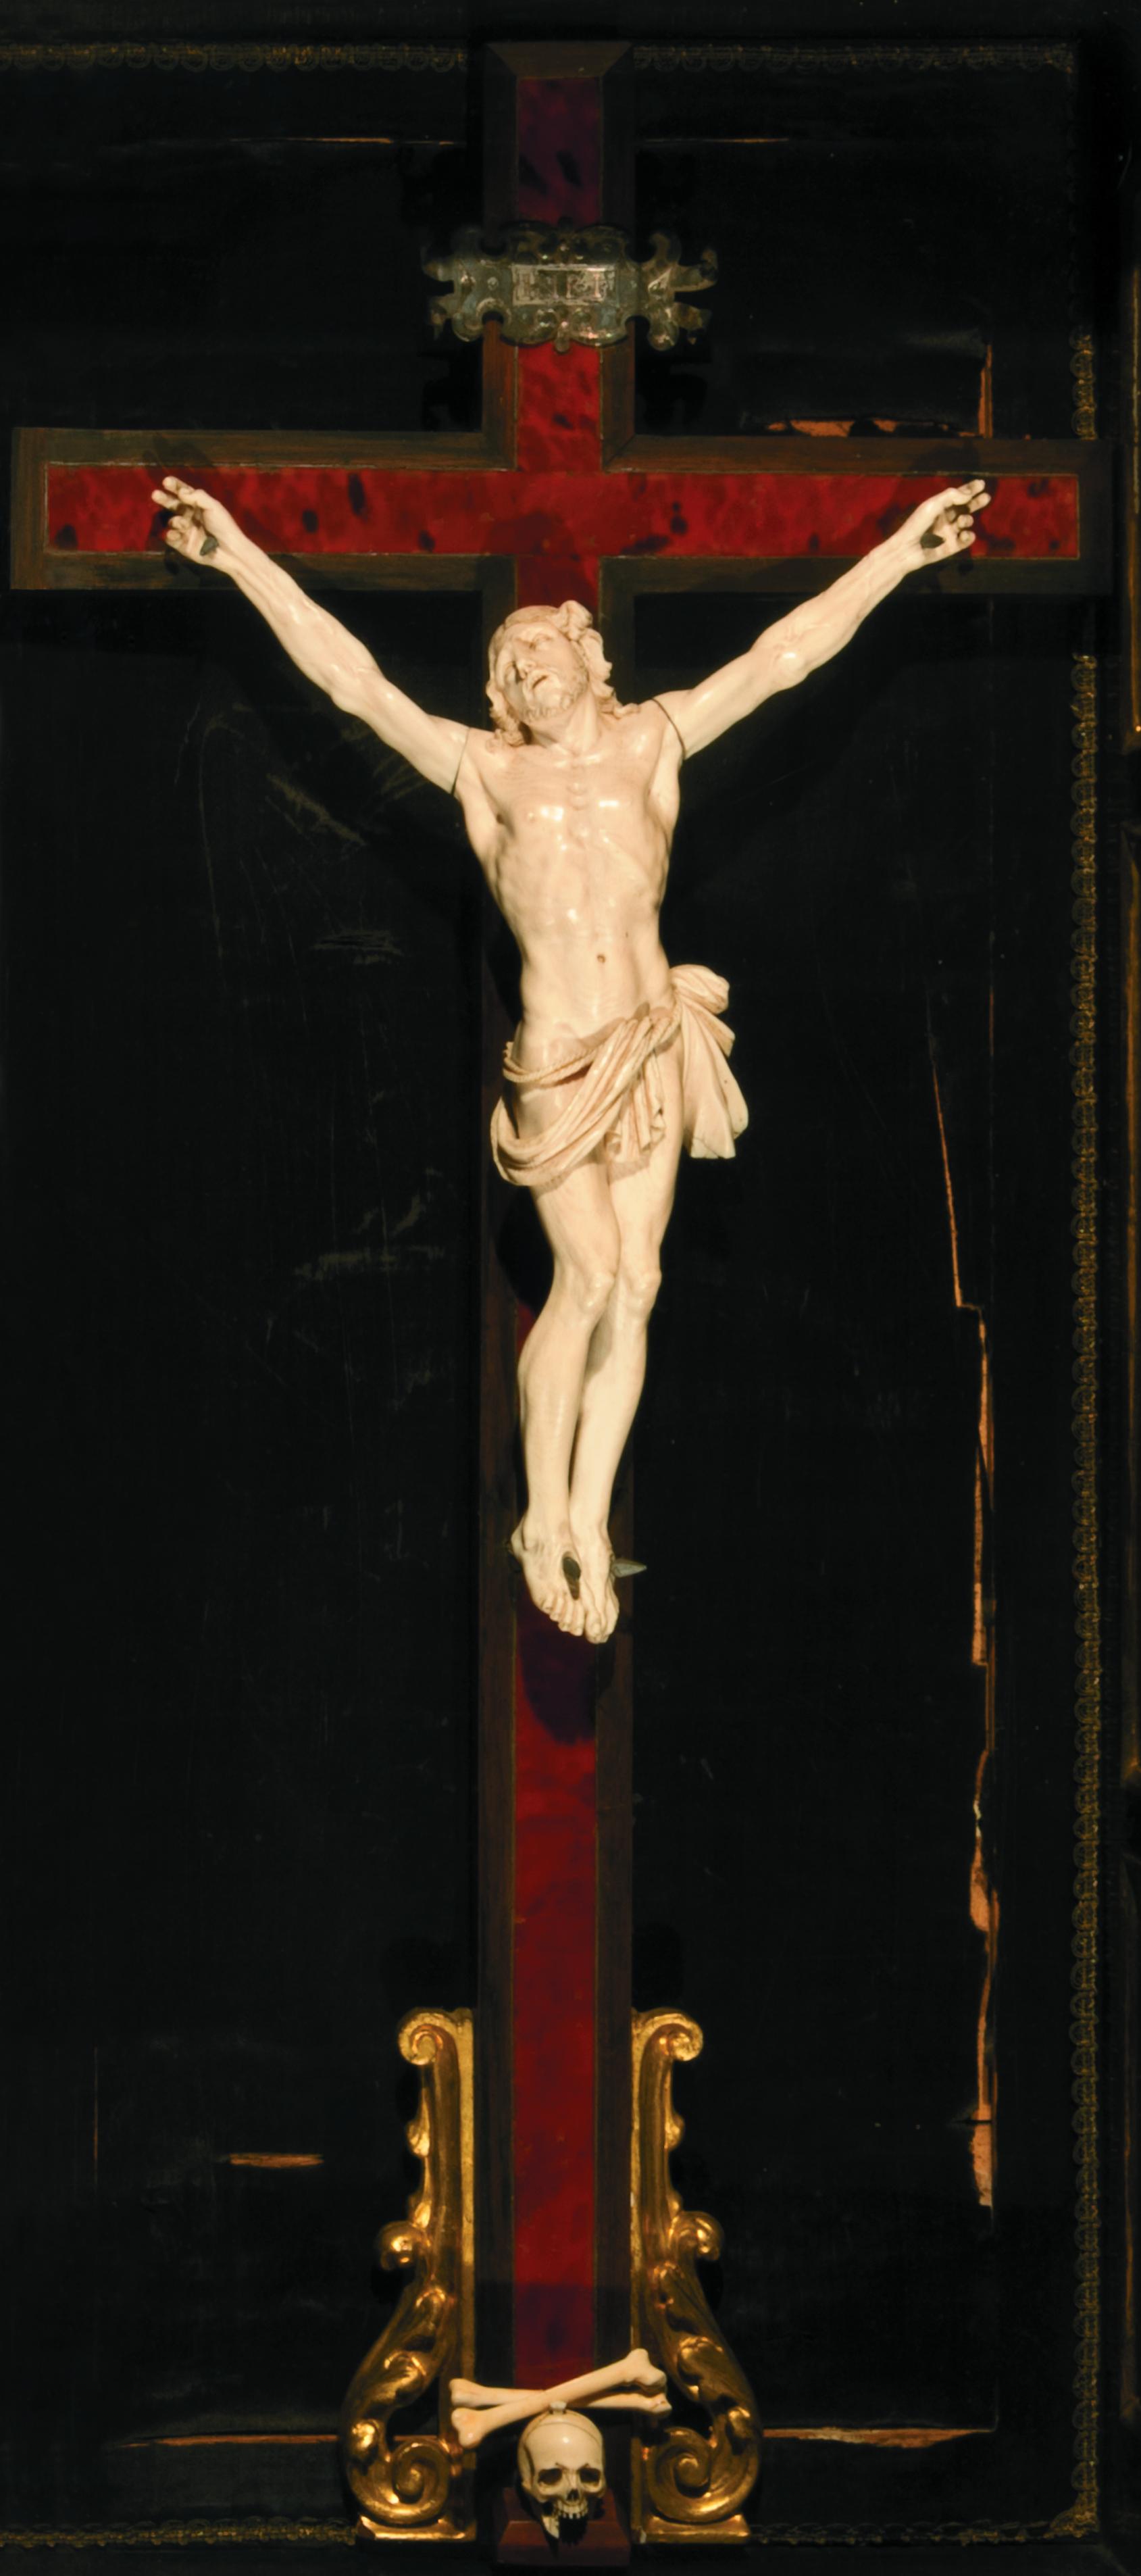 Melchior Barthel  (Dresda, 1625‑1672) Crocifisso 1665-70 ca.  avorio intagliato e legno con riporti d'argento fuso e cesellato h. cm 30, largh. cm 26 (con la cornice: h. cm 112, largh. cm 59) Firenze, Castello, Villa La Quiete